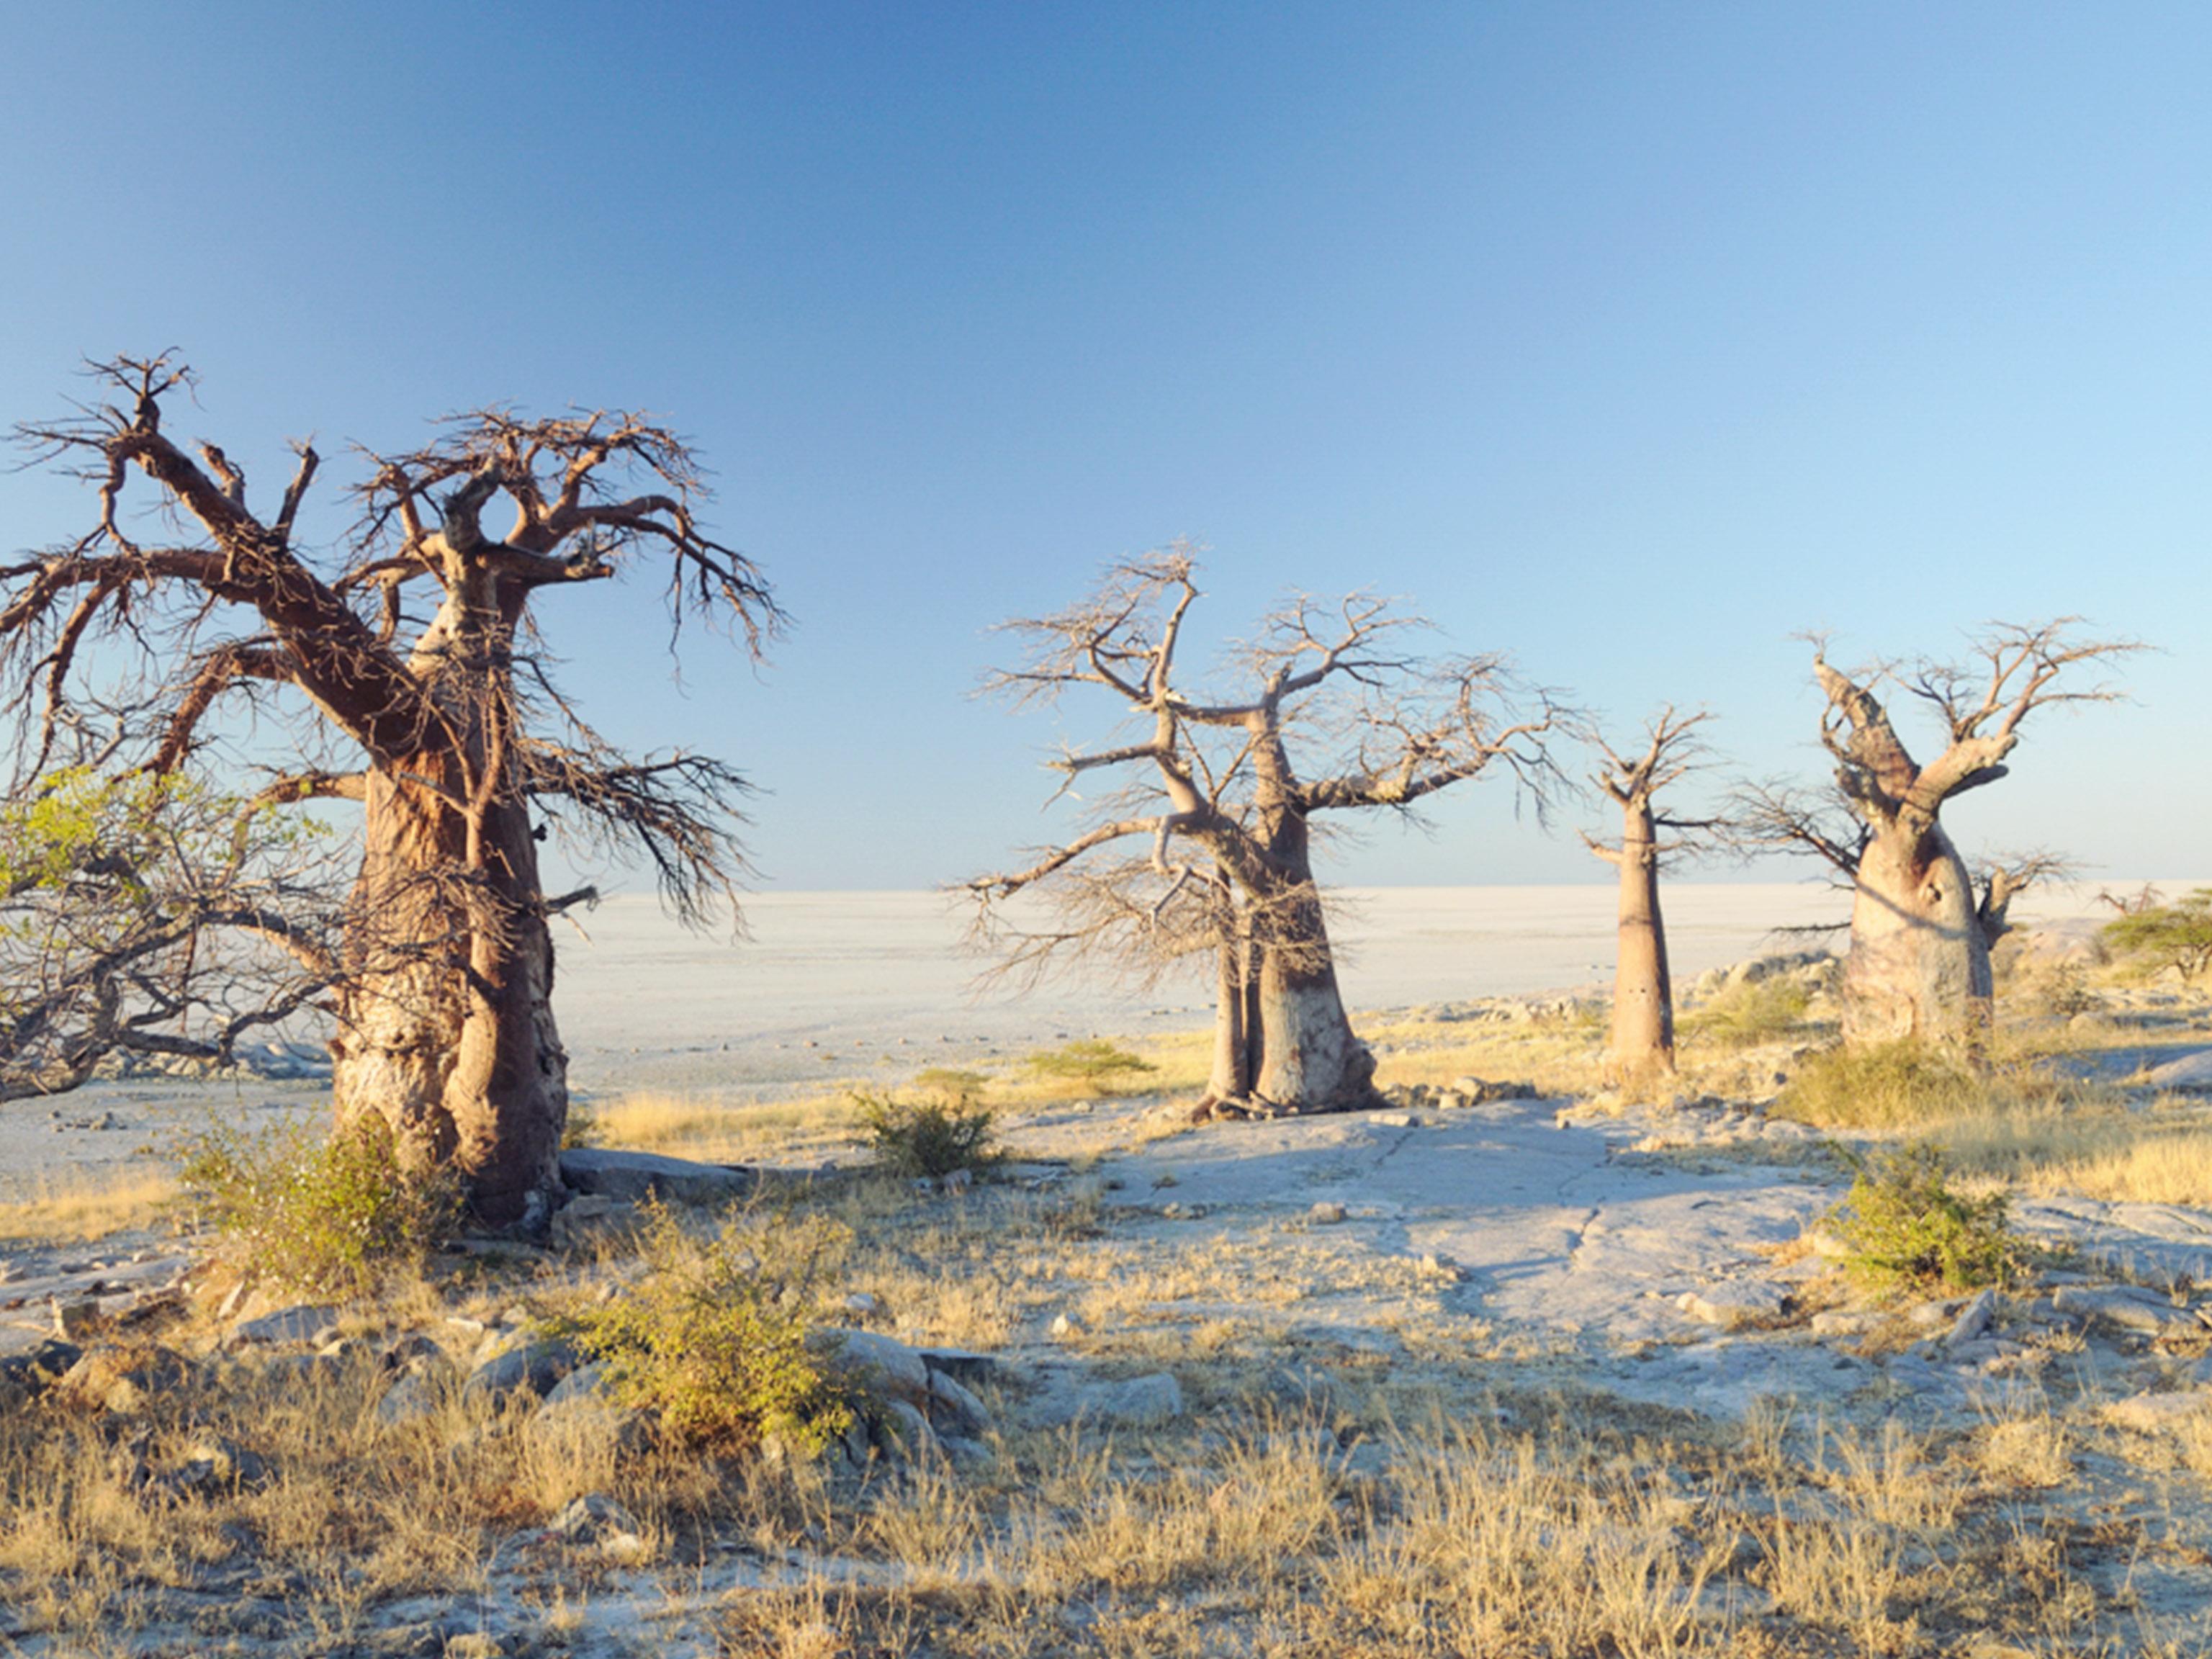 Makgadikgadi & Nxai Pans Botswana